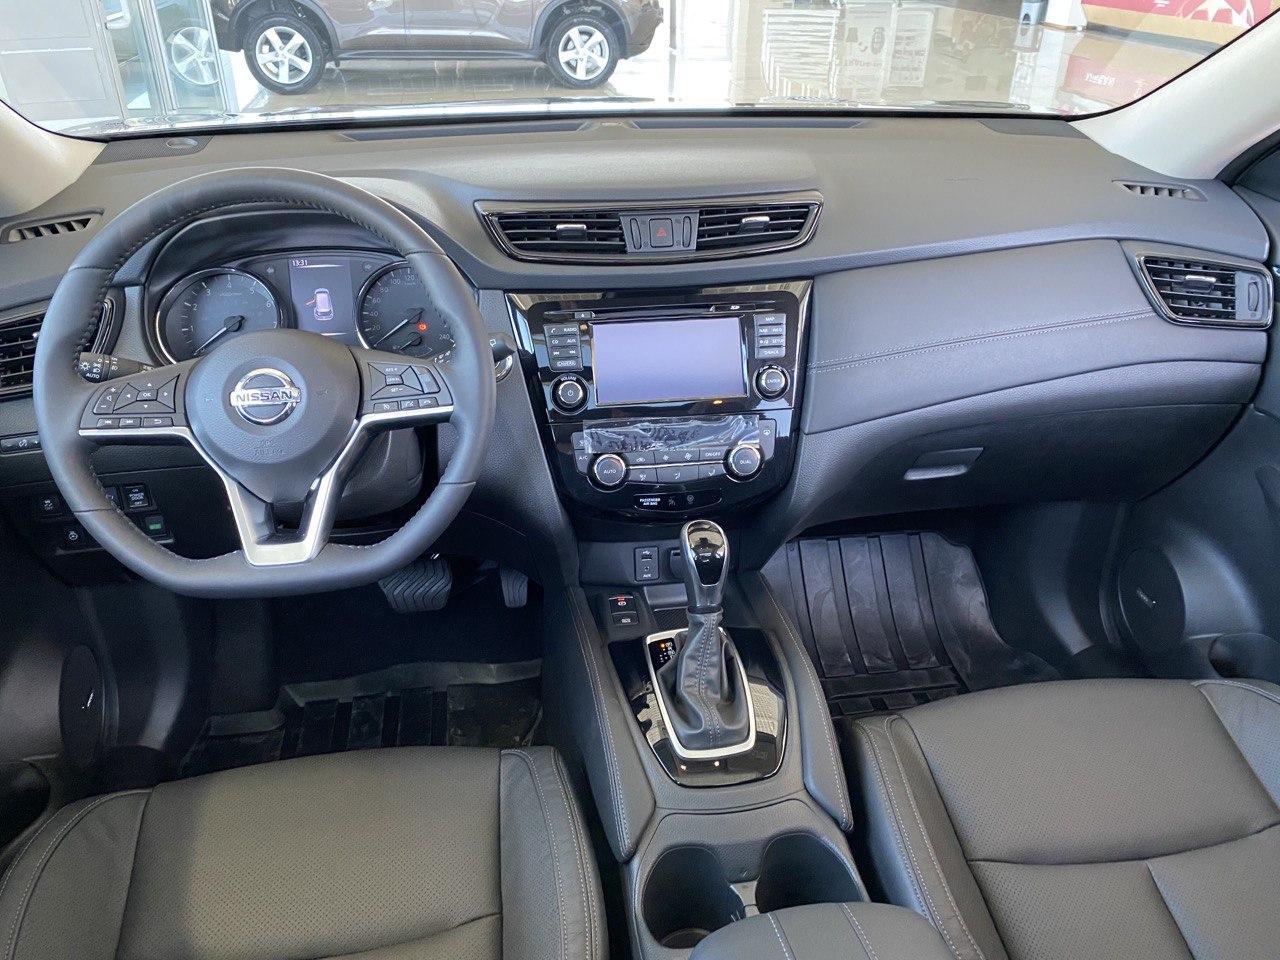 new_avto-1095377485.jpg